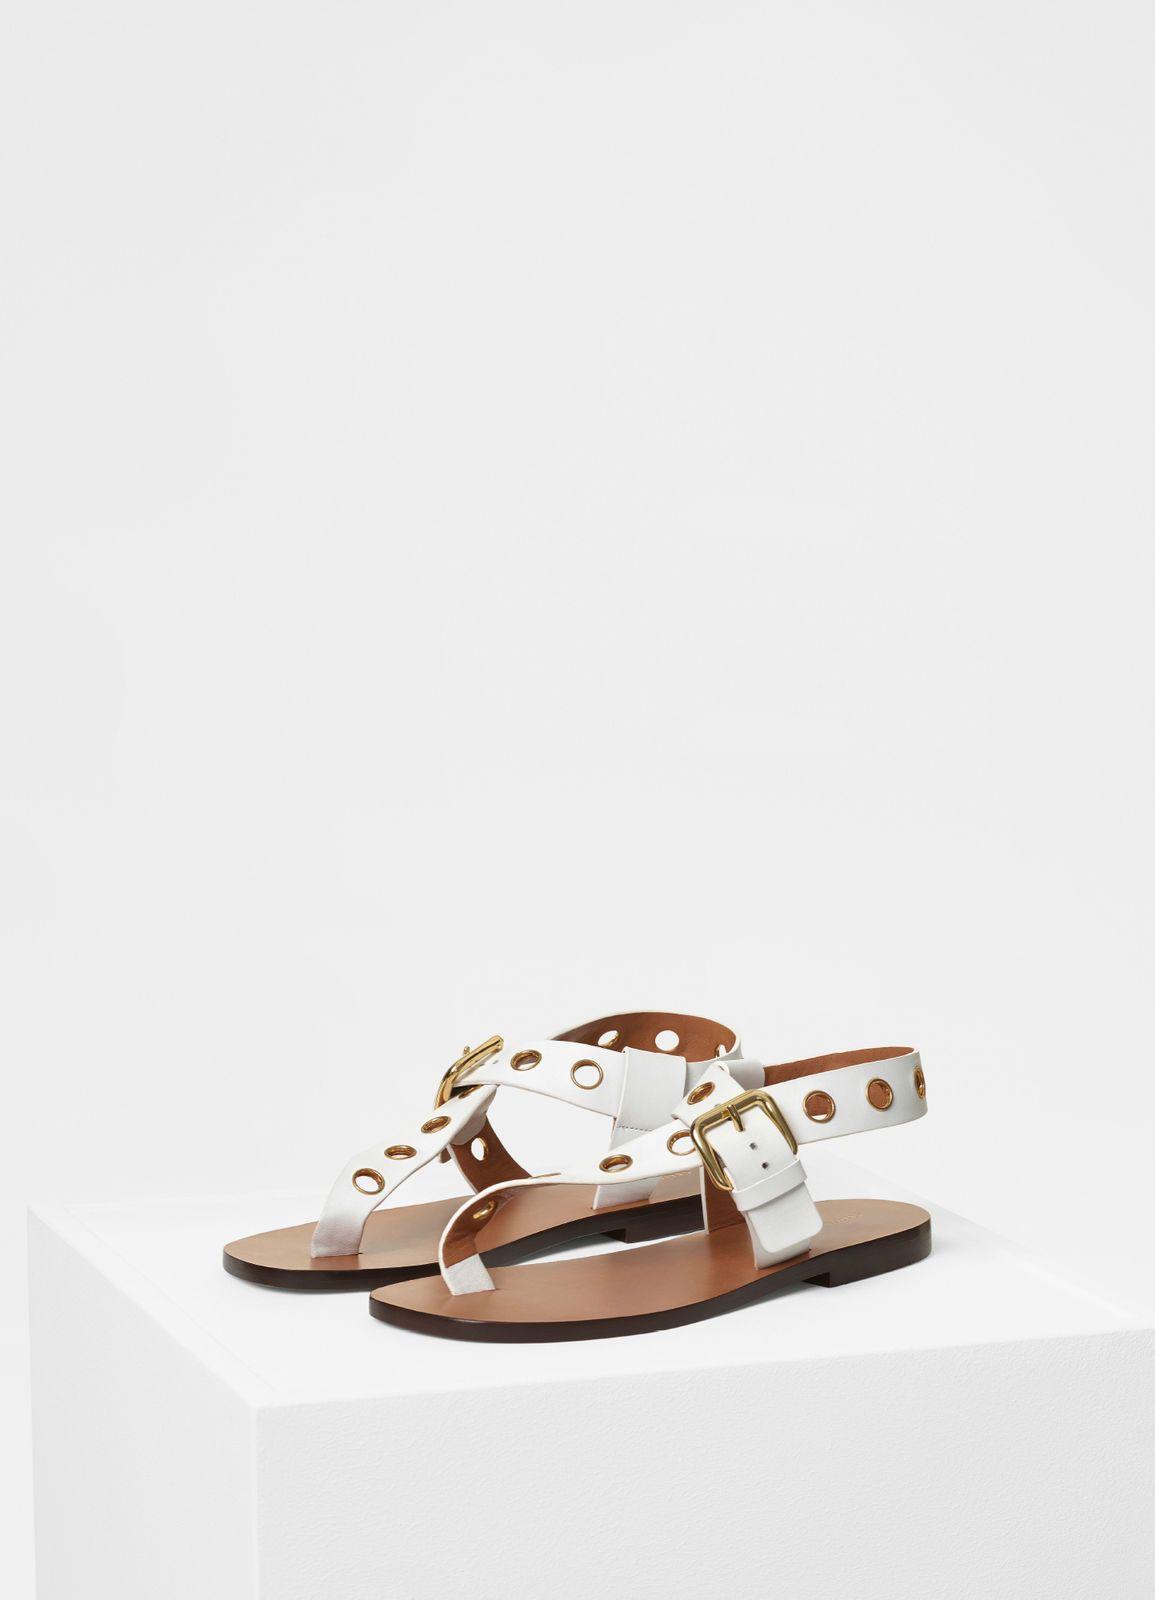 e92924dc699 Resort Sandal Flat Sandal with Eyelets in calfskin